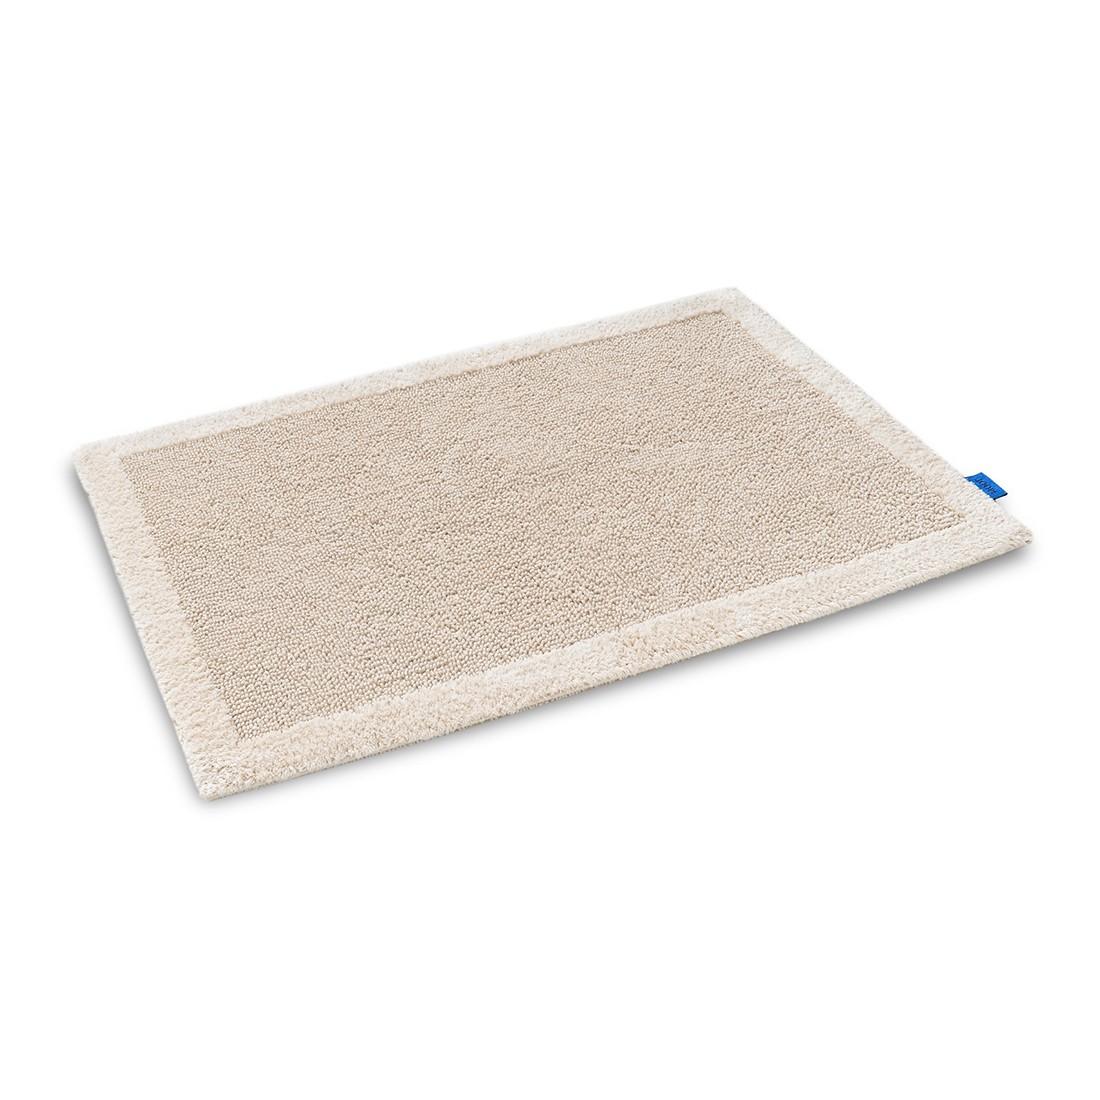 badteppich cotton classic 100 baumwolle natur 020 60 x 90 cm joop jetzt kaufen. Black Bedroom Furniture Sets. Home Design Ideas